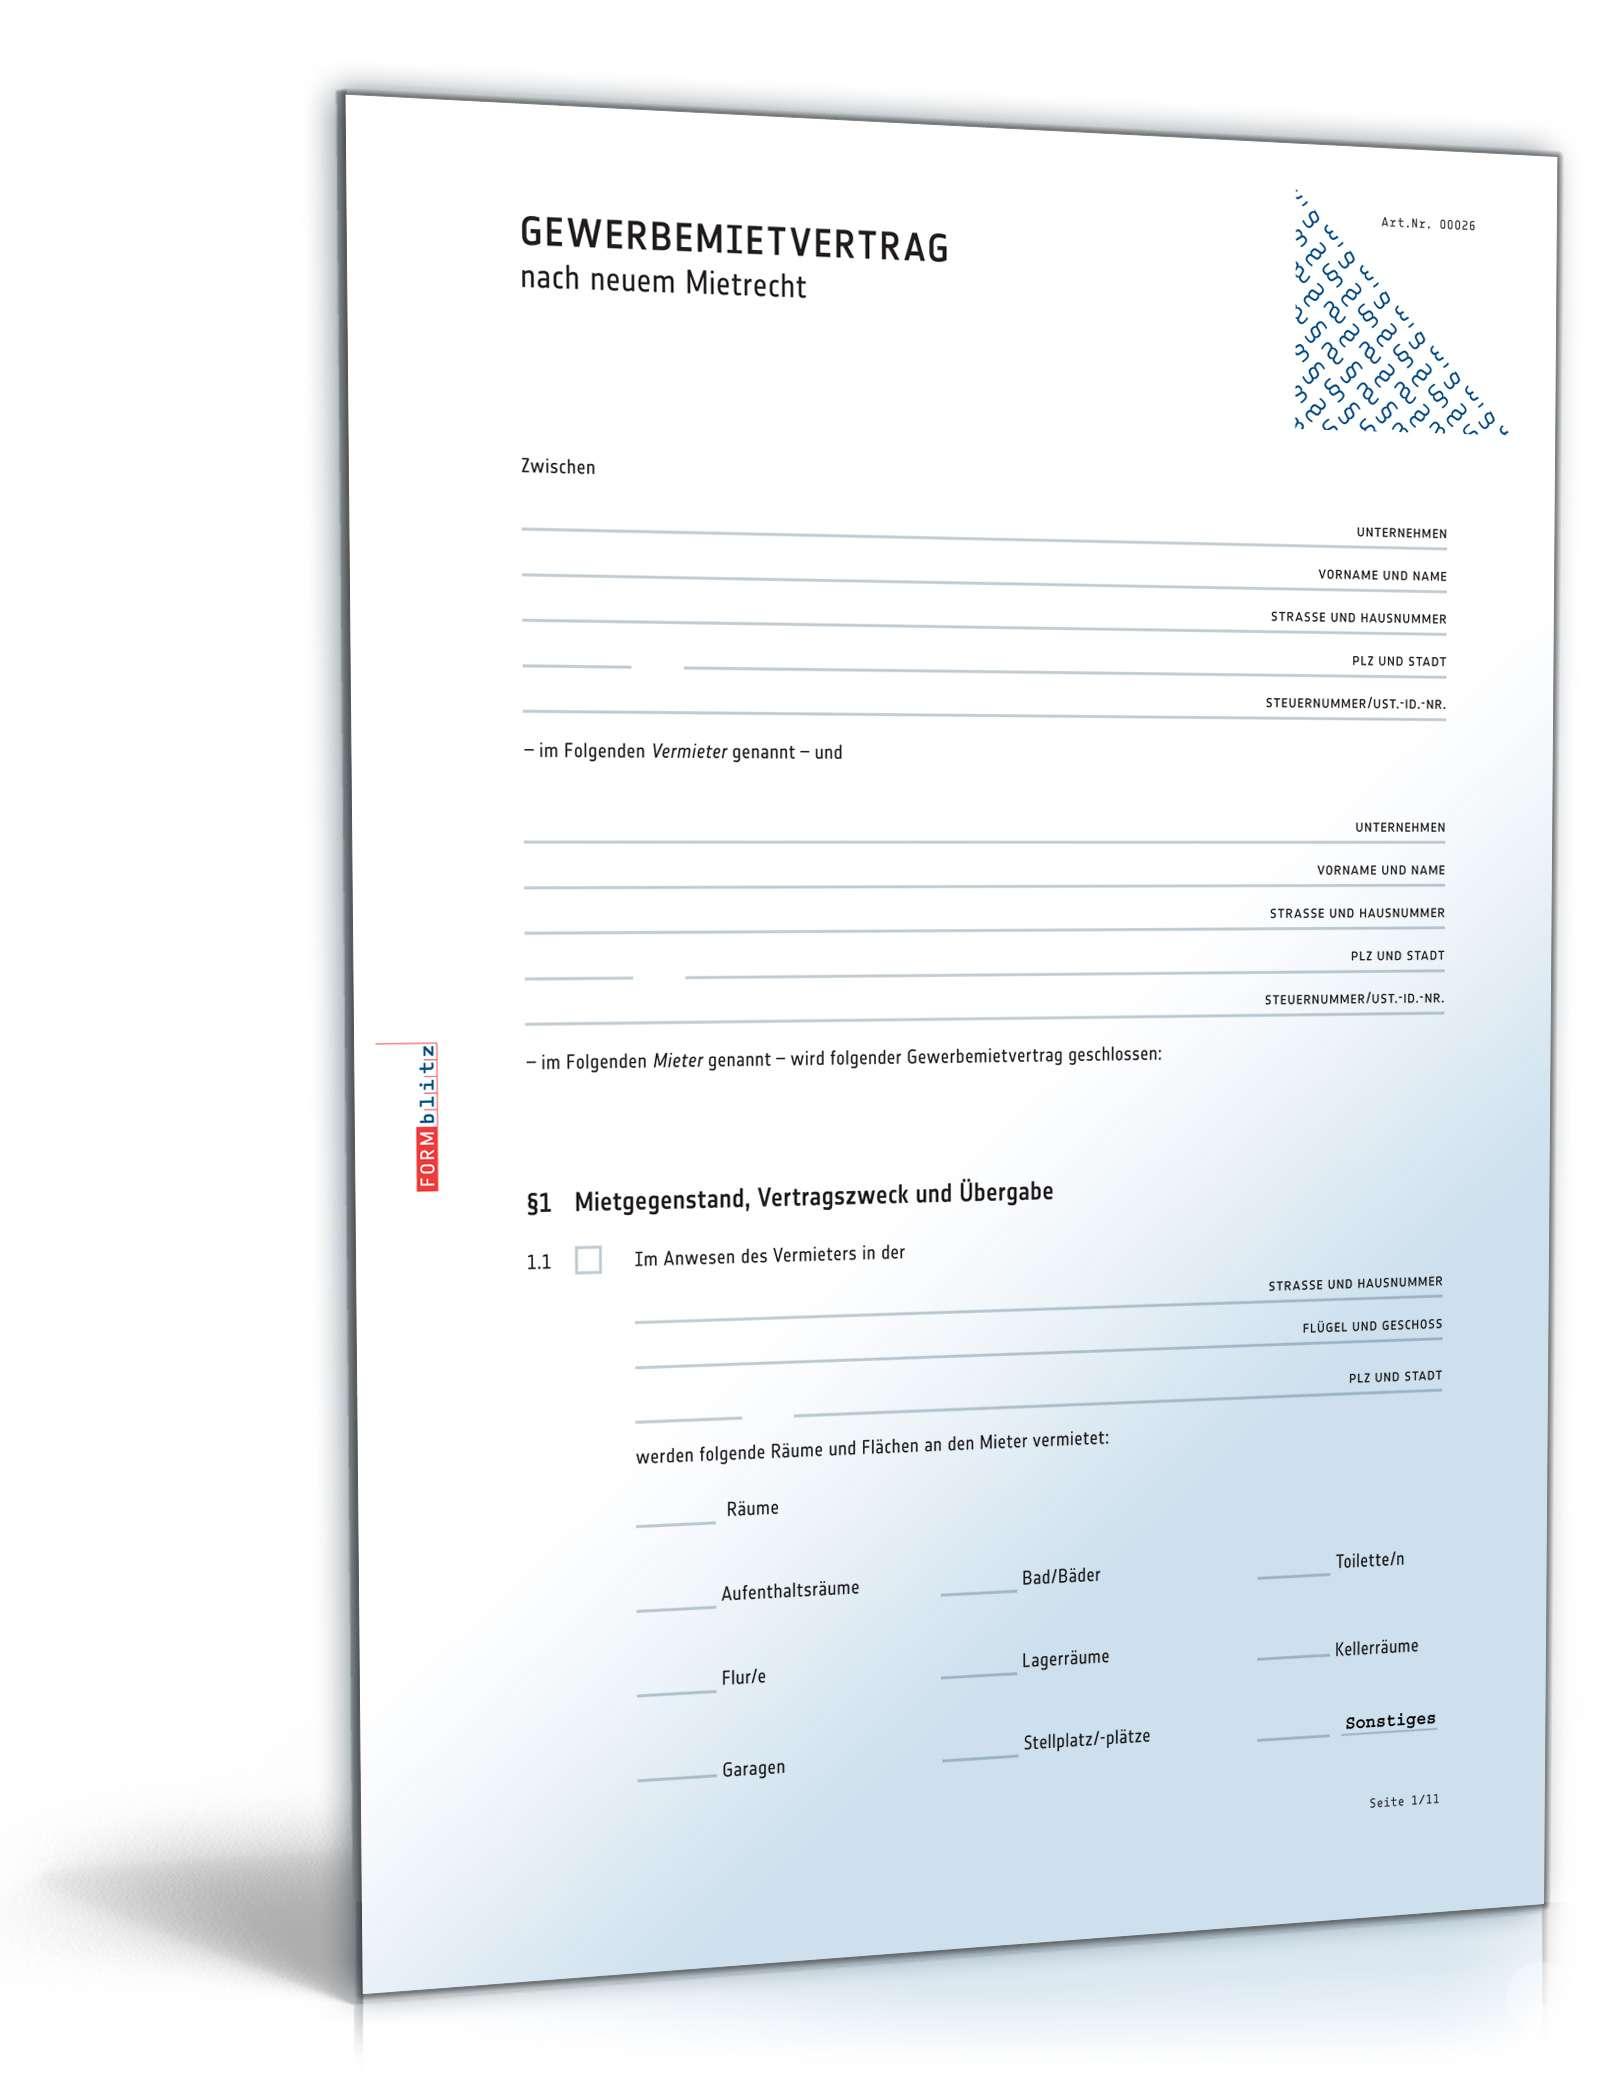 Vorlagen Für Geschäftsführer Muster Vordrucke Zum Download